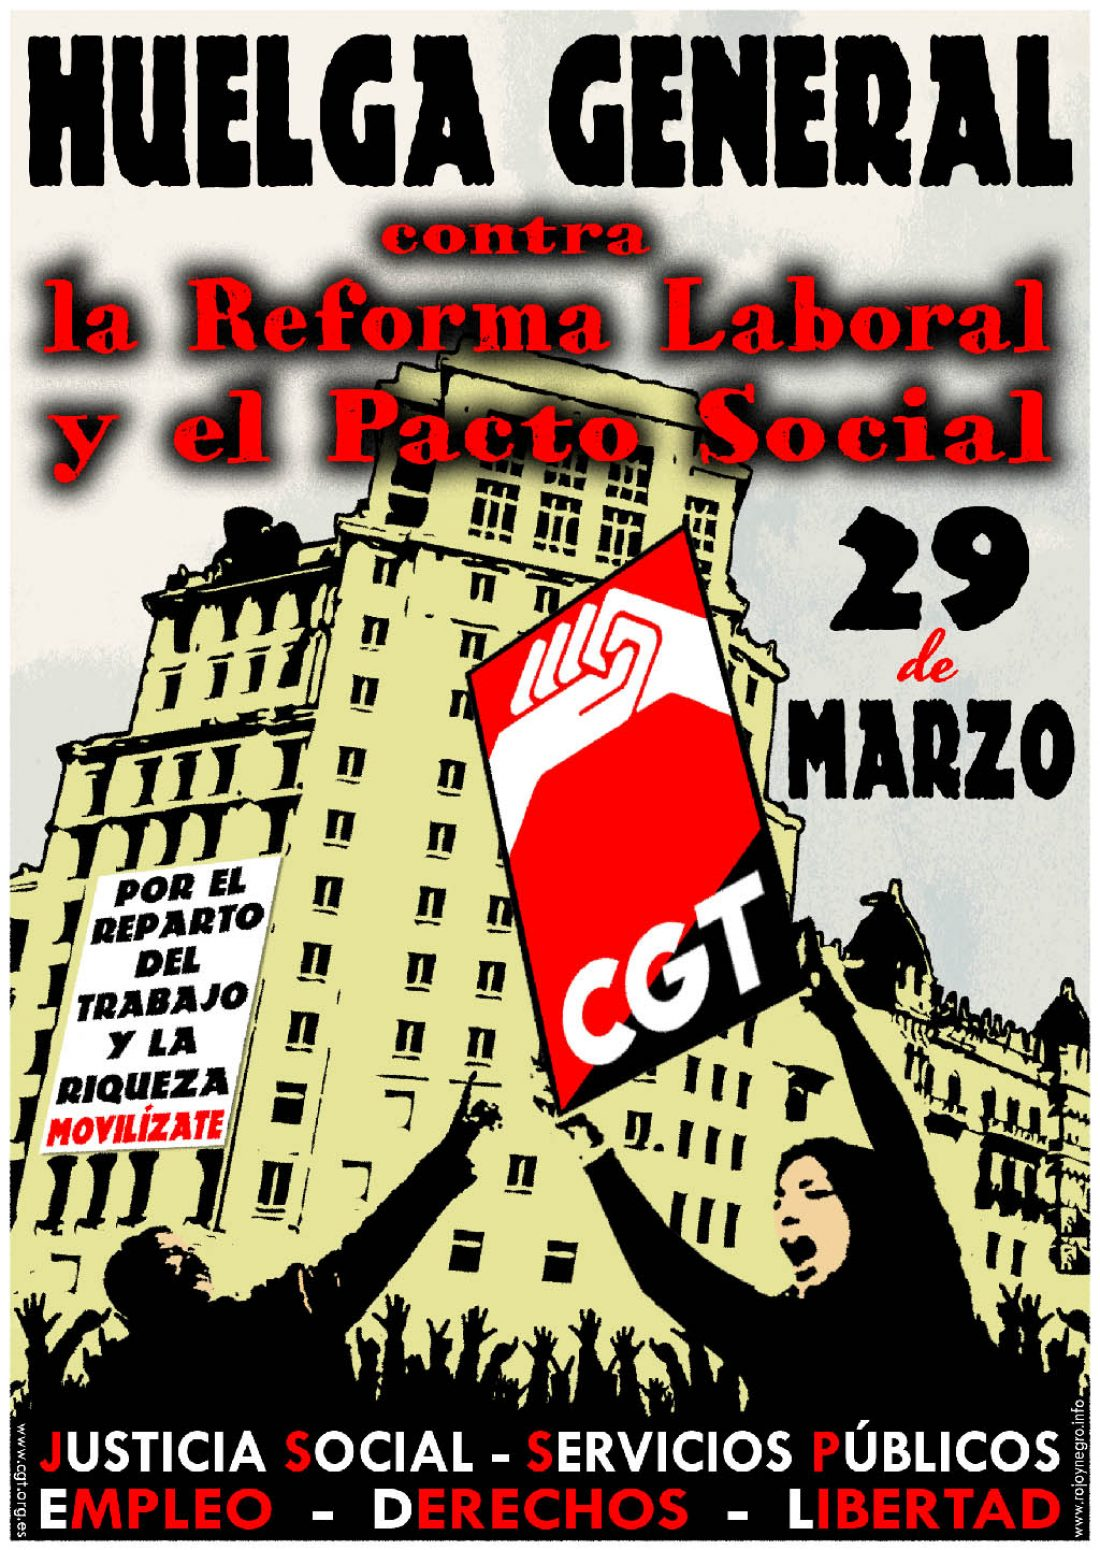 29 de Marzo: Contra la reforma laboral y el pacto social ¡HUELGA GENERAL!